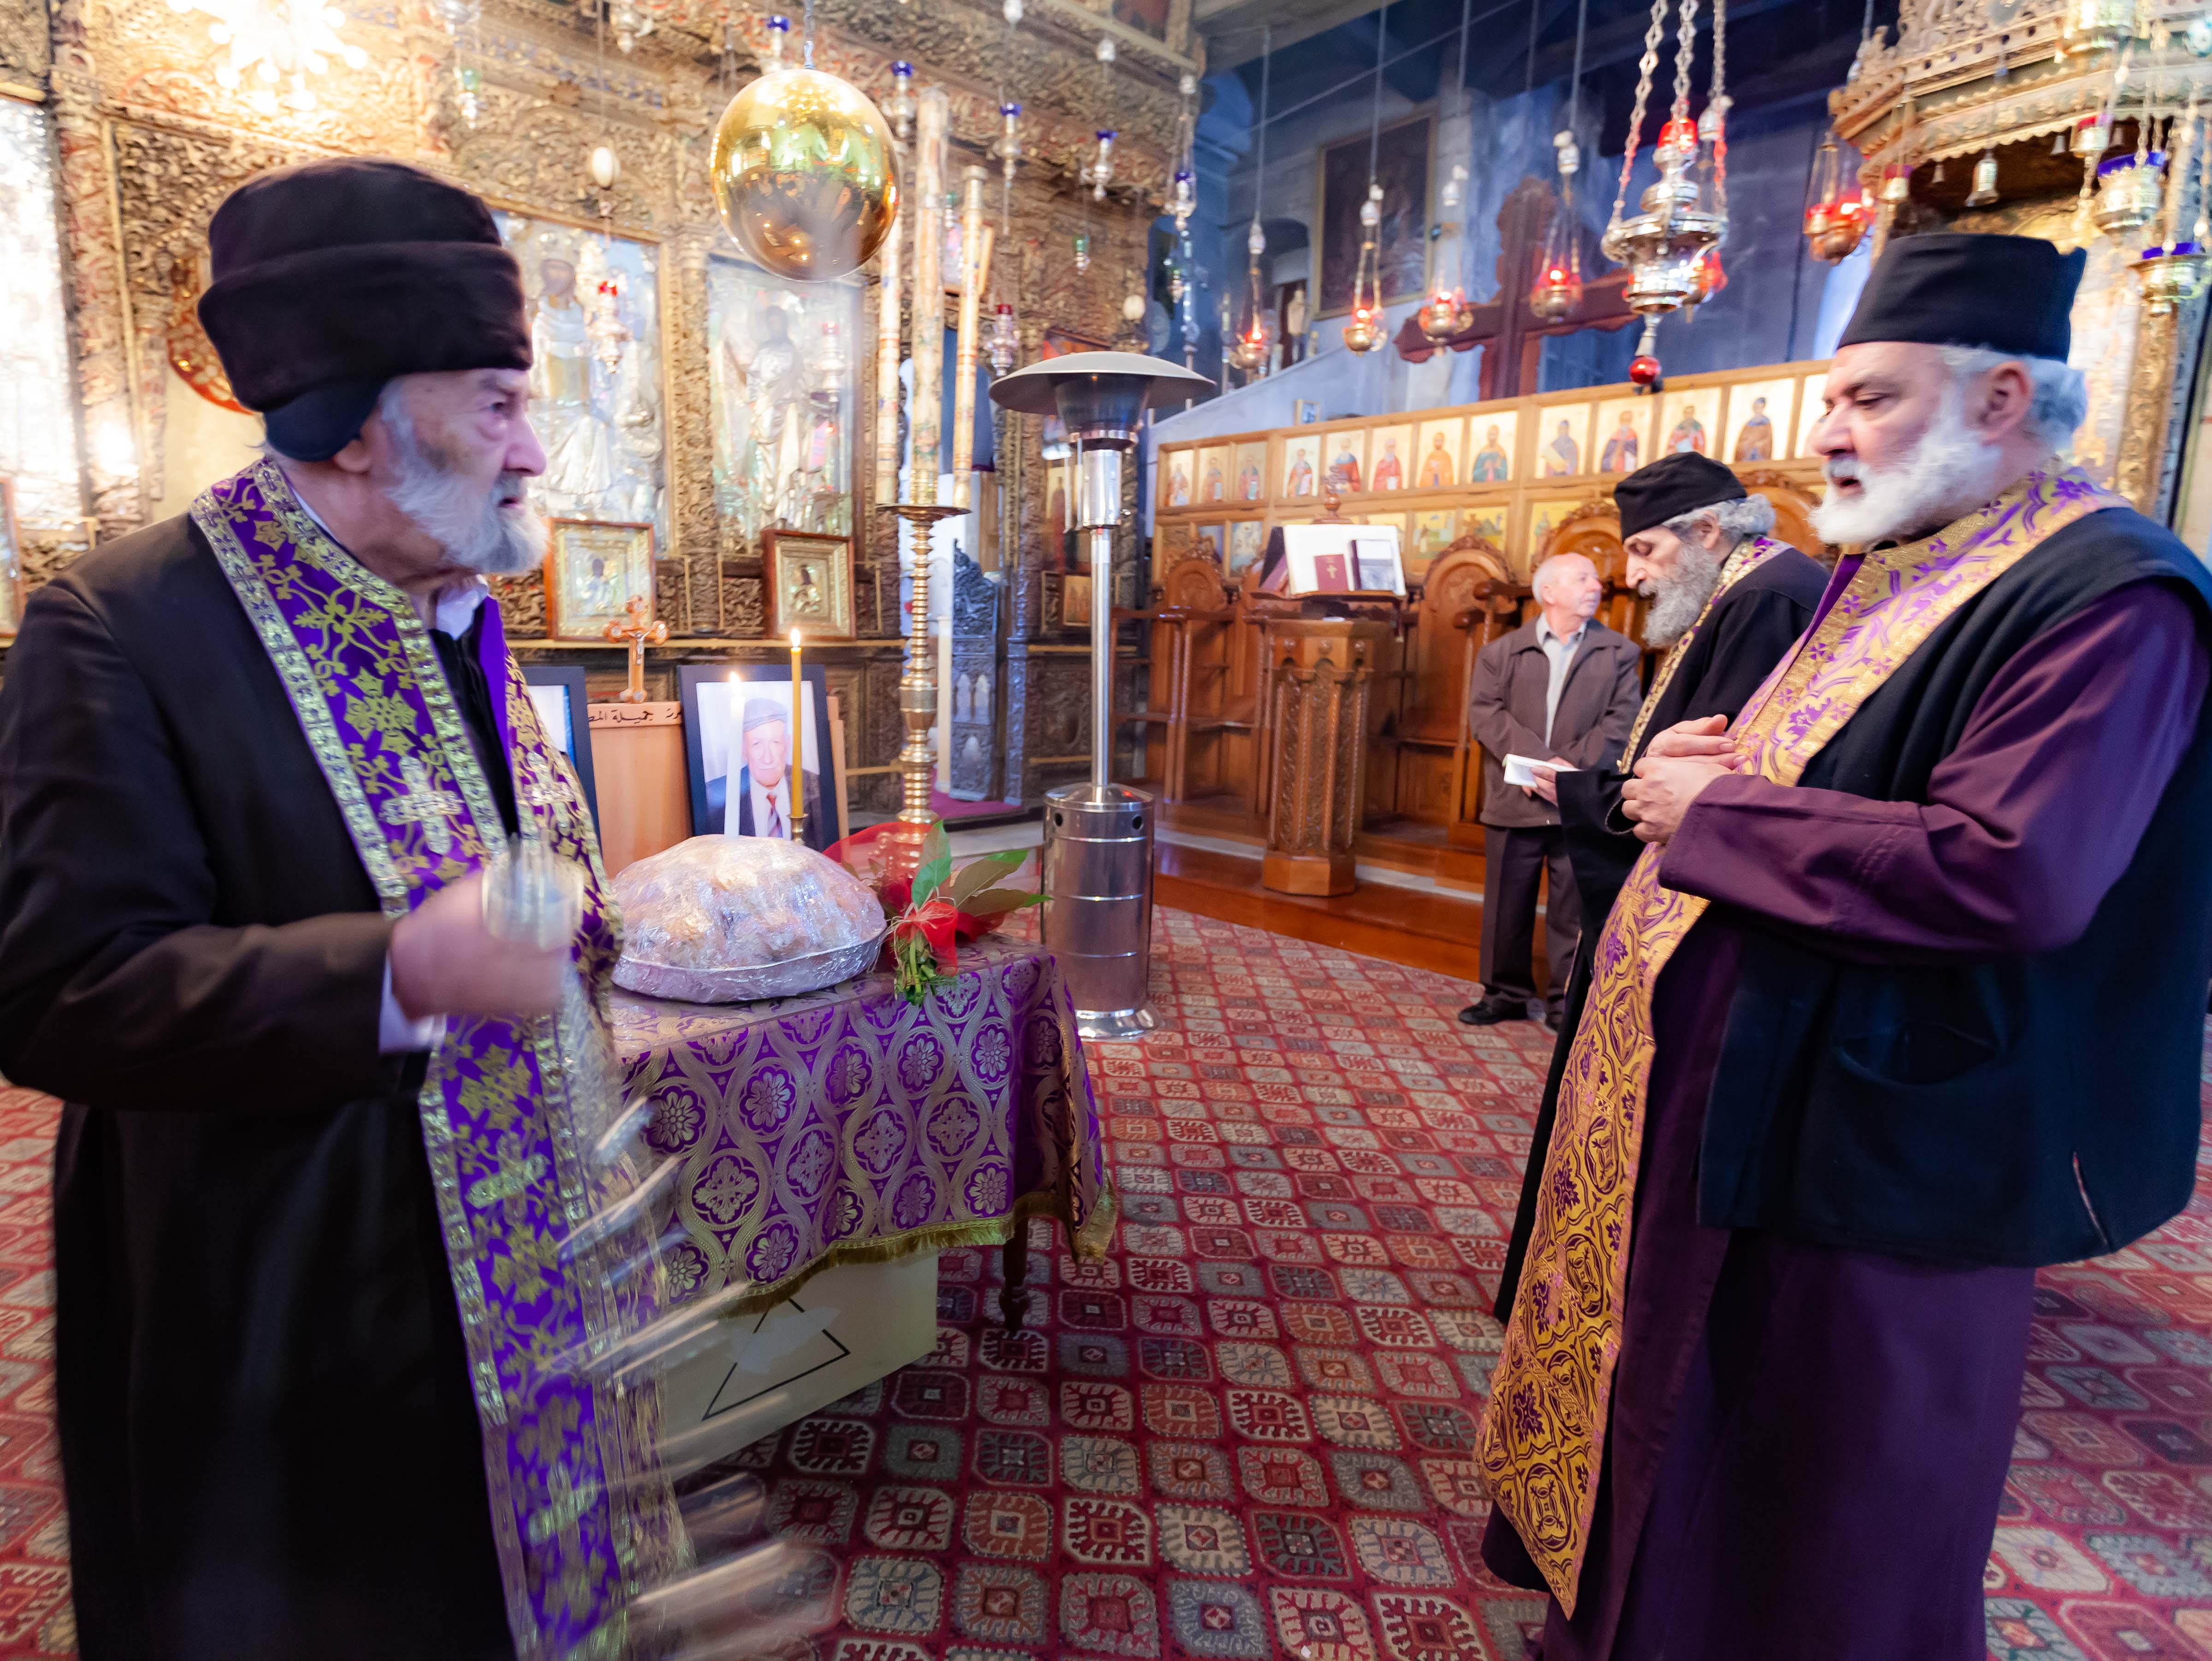 Palestine, Bethlehem, Church of the Nativity Rabbis, 2012, IMG 6702